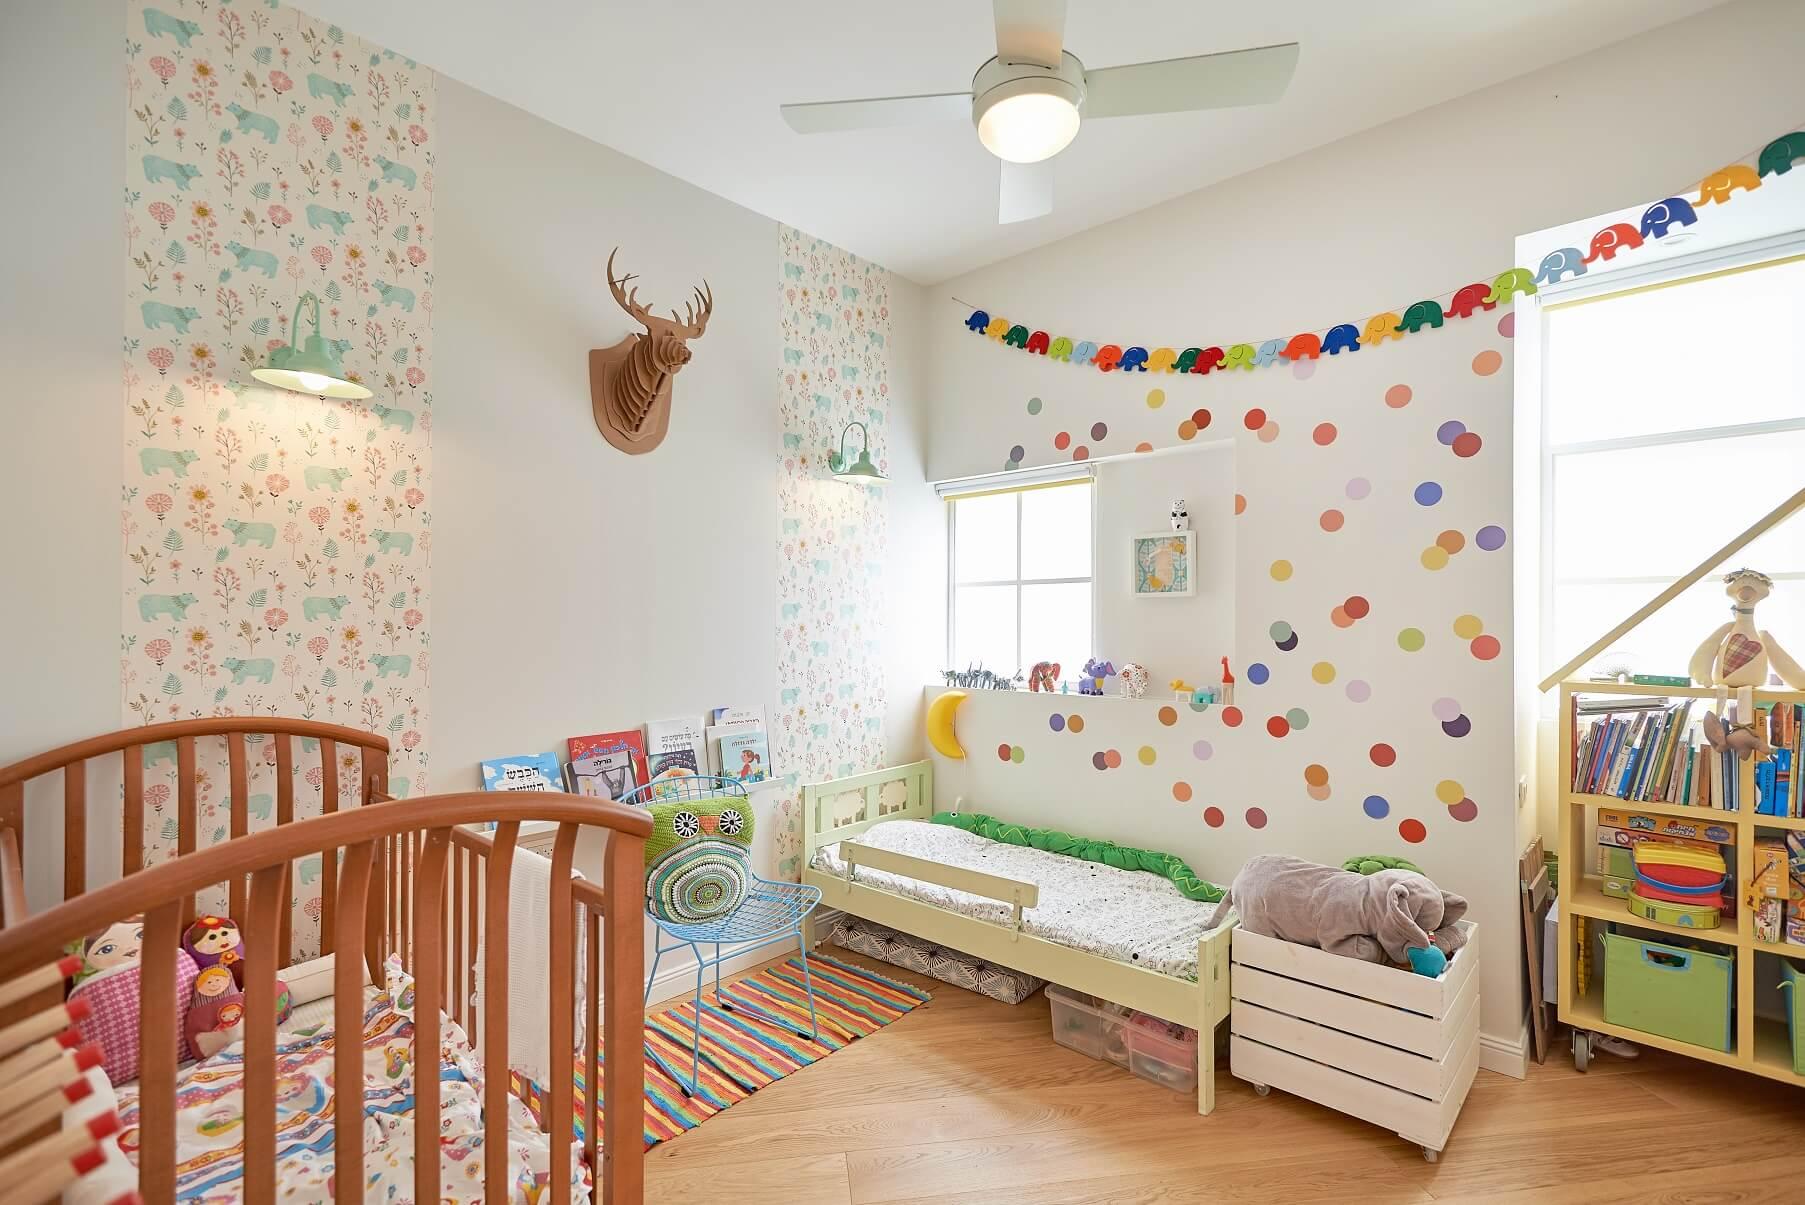 חדר הילדים, עיצוב טל מידן, צילום: סיגל סבן